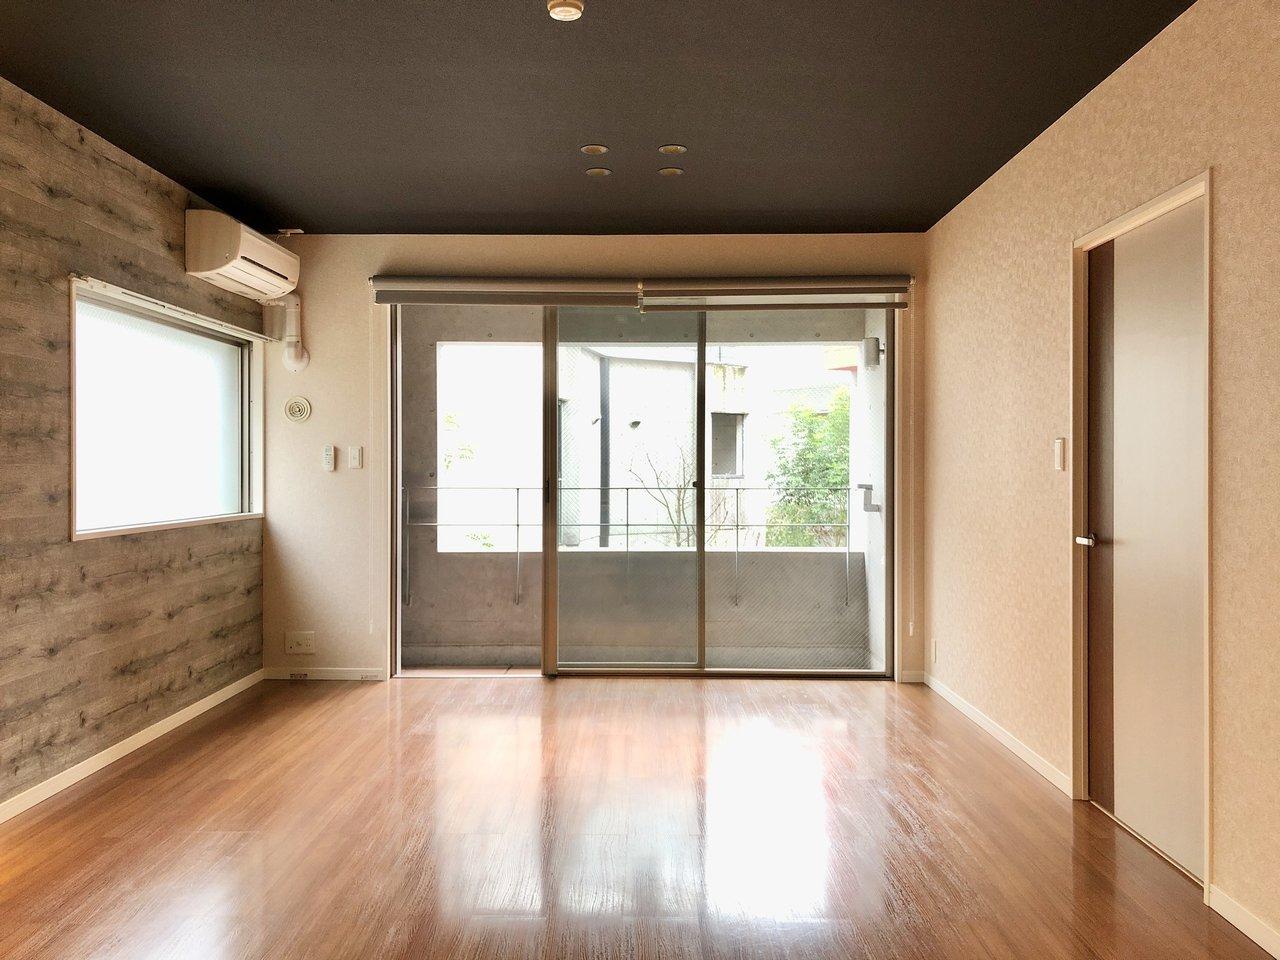 キッチンからの眺めはこちら。天井がダークカラーというのも、落ち着いていて、いいですね。